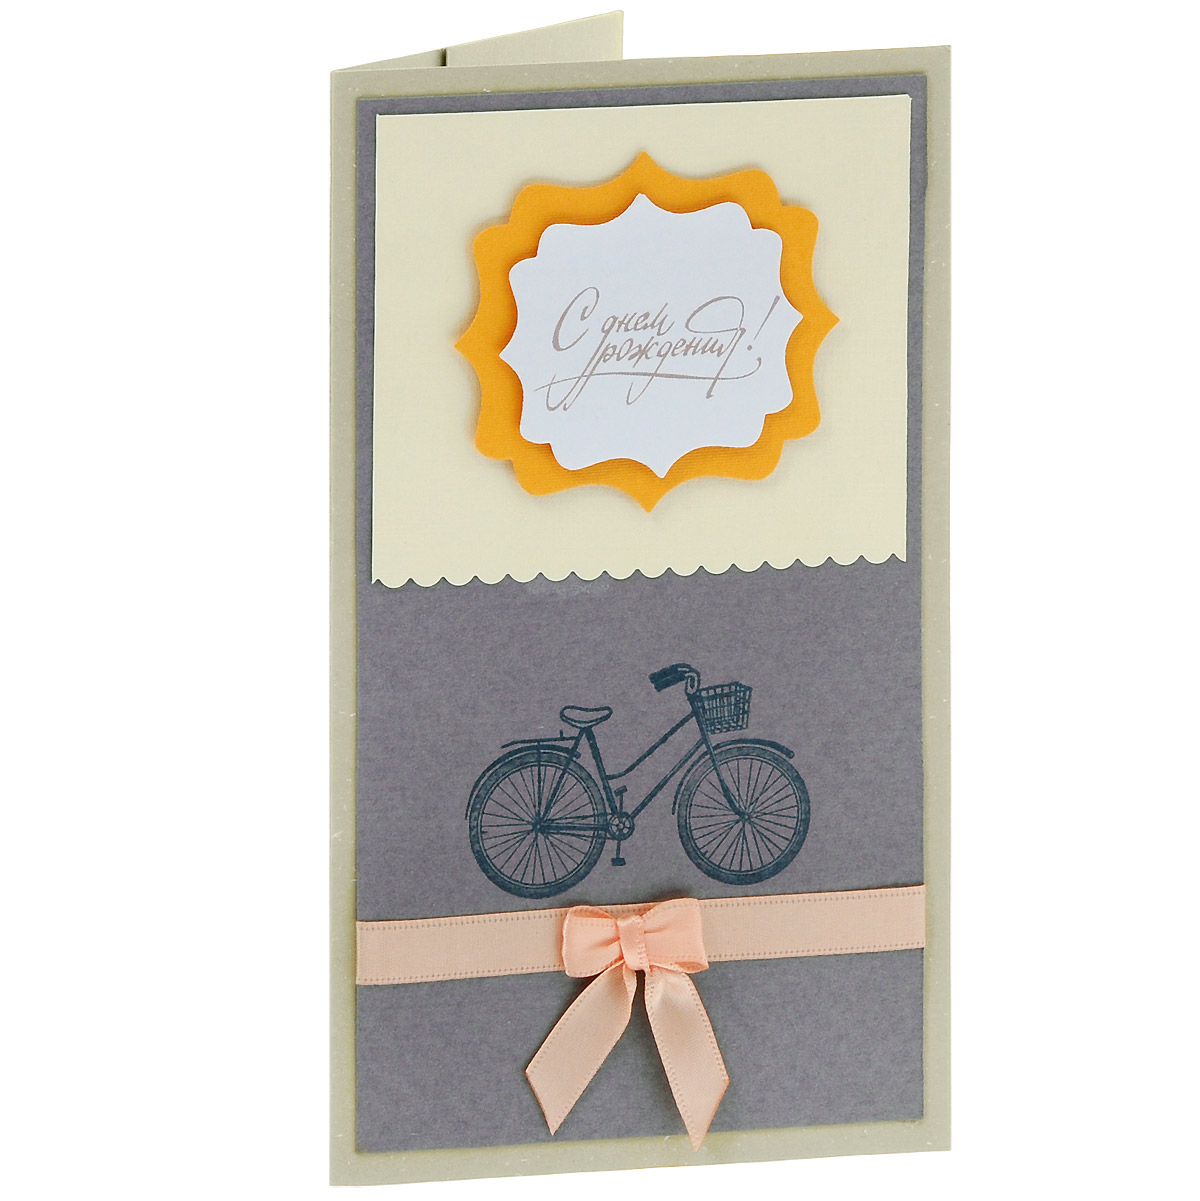 ОЖ-0023 Открытка-конверт «С Днём Рождения!» (велосипед, серо-персиковая). Студия «Тётя Роза»24652 Декоративная фигурка Африканская семья арт.24652 (11,5*10*22 см, полирезина)Характеристики: Размер 19 см x 11 см.Материал: Высоко-художественный картон, бумага, декор. Данная открытка может стать как прекрасным дополнением к вашему подарку, так и самостоятельным подарком. Так как открытка является и конвертом, в который вы можете вложить ваш денежный подарок или просто написать ваши пожелания на вкладыше. Сдержанная, но очень стильная открытка выполнена в благородных серо-охристых тонах. Центральная надпись располагается на изящной фигурной табличке, послойно поднимающейся над общим фоном лицевой части. Милый персиковый бант из атласной ленты завершает композицию. Также открытка упакована в пакетик для сохранности.Обращаем Ваше внимание на то, что открытка может незначительно отличаться от представленной на фото.Открытки ручной работы от студии Тётя Роза отличаются своим неповторимым и ярким стилем. Каждая уникальна и выполнена вручную мастерами студии. (Открытка для мужчин, открытка для женщины, открытка на день рождения, открытка с днем свадьбы, открытка винтаж, открытка с юбилеем, открытка на все случаи, скрапбукинг)